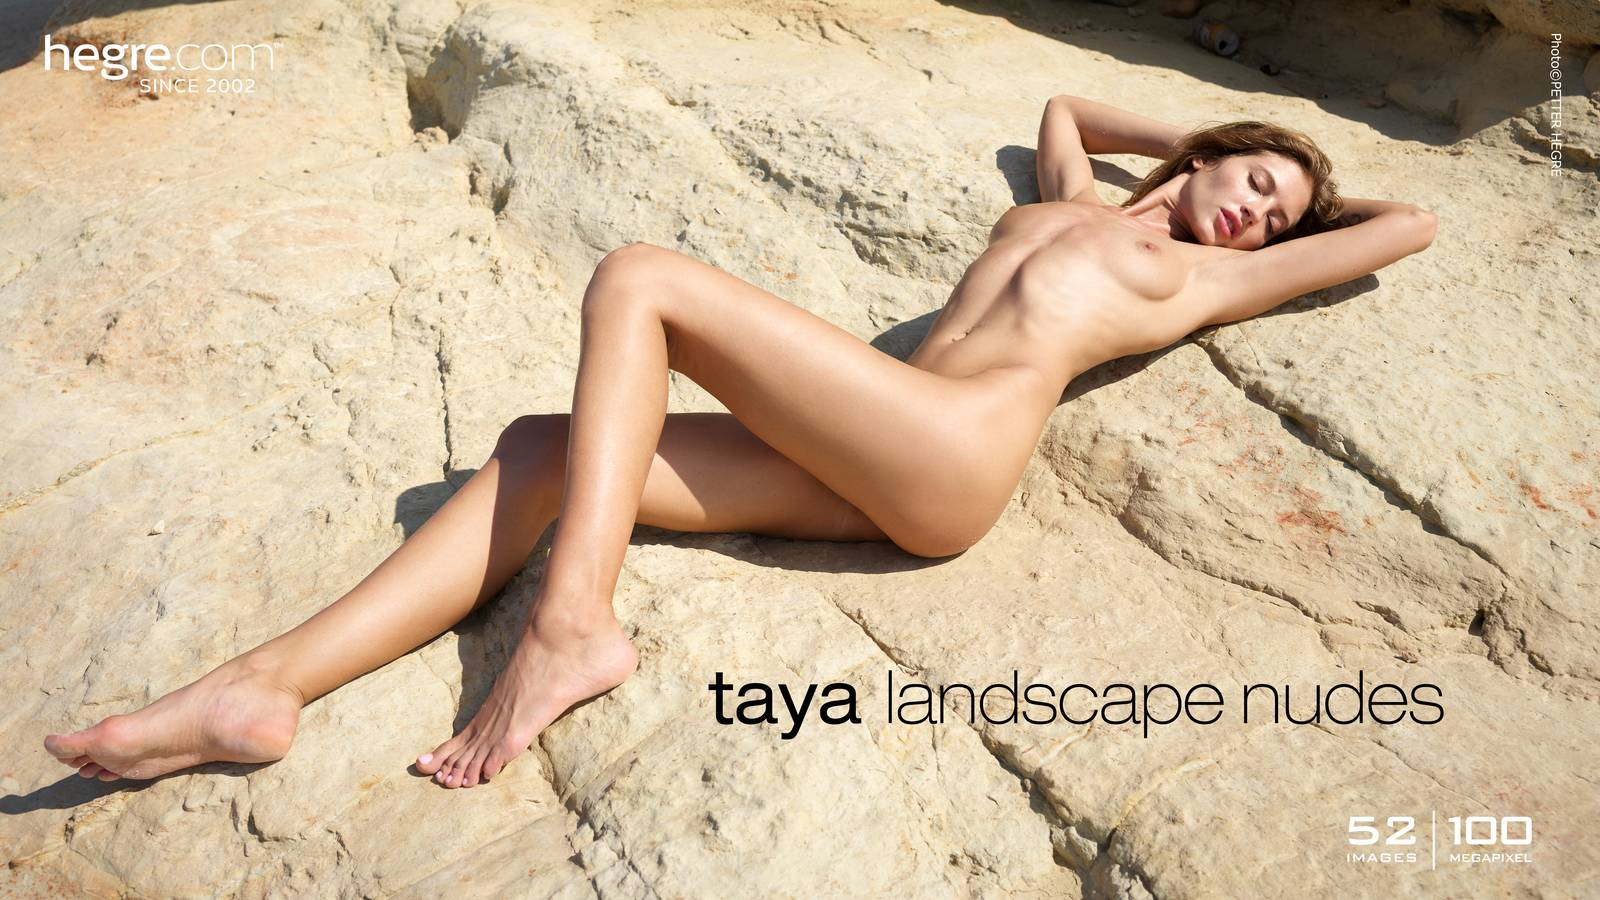 Landscafe girl lebanon nude